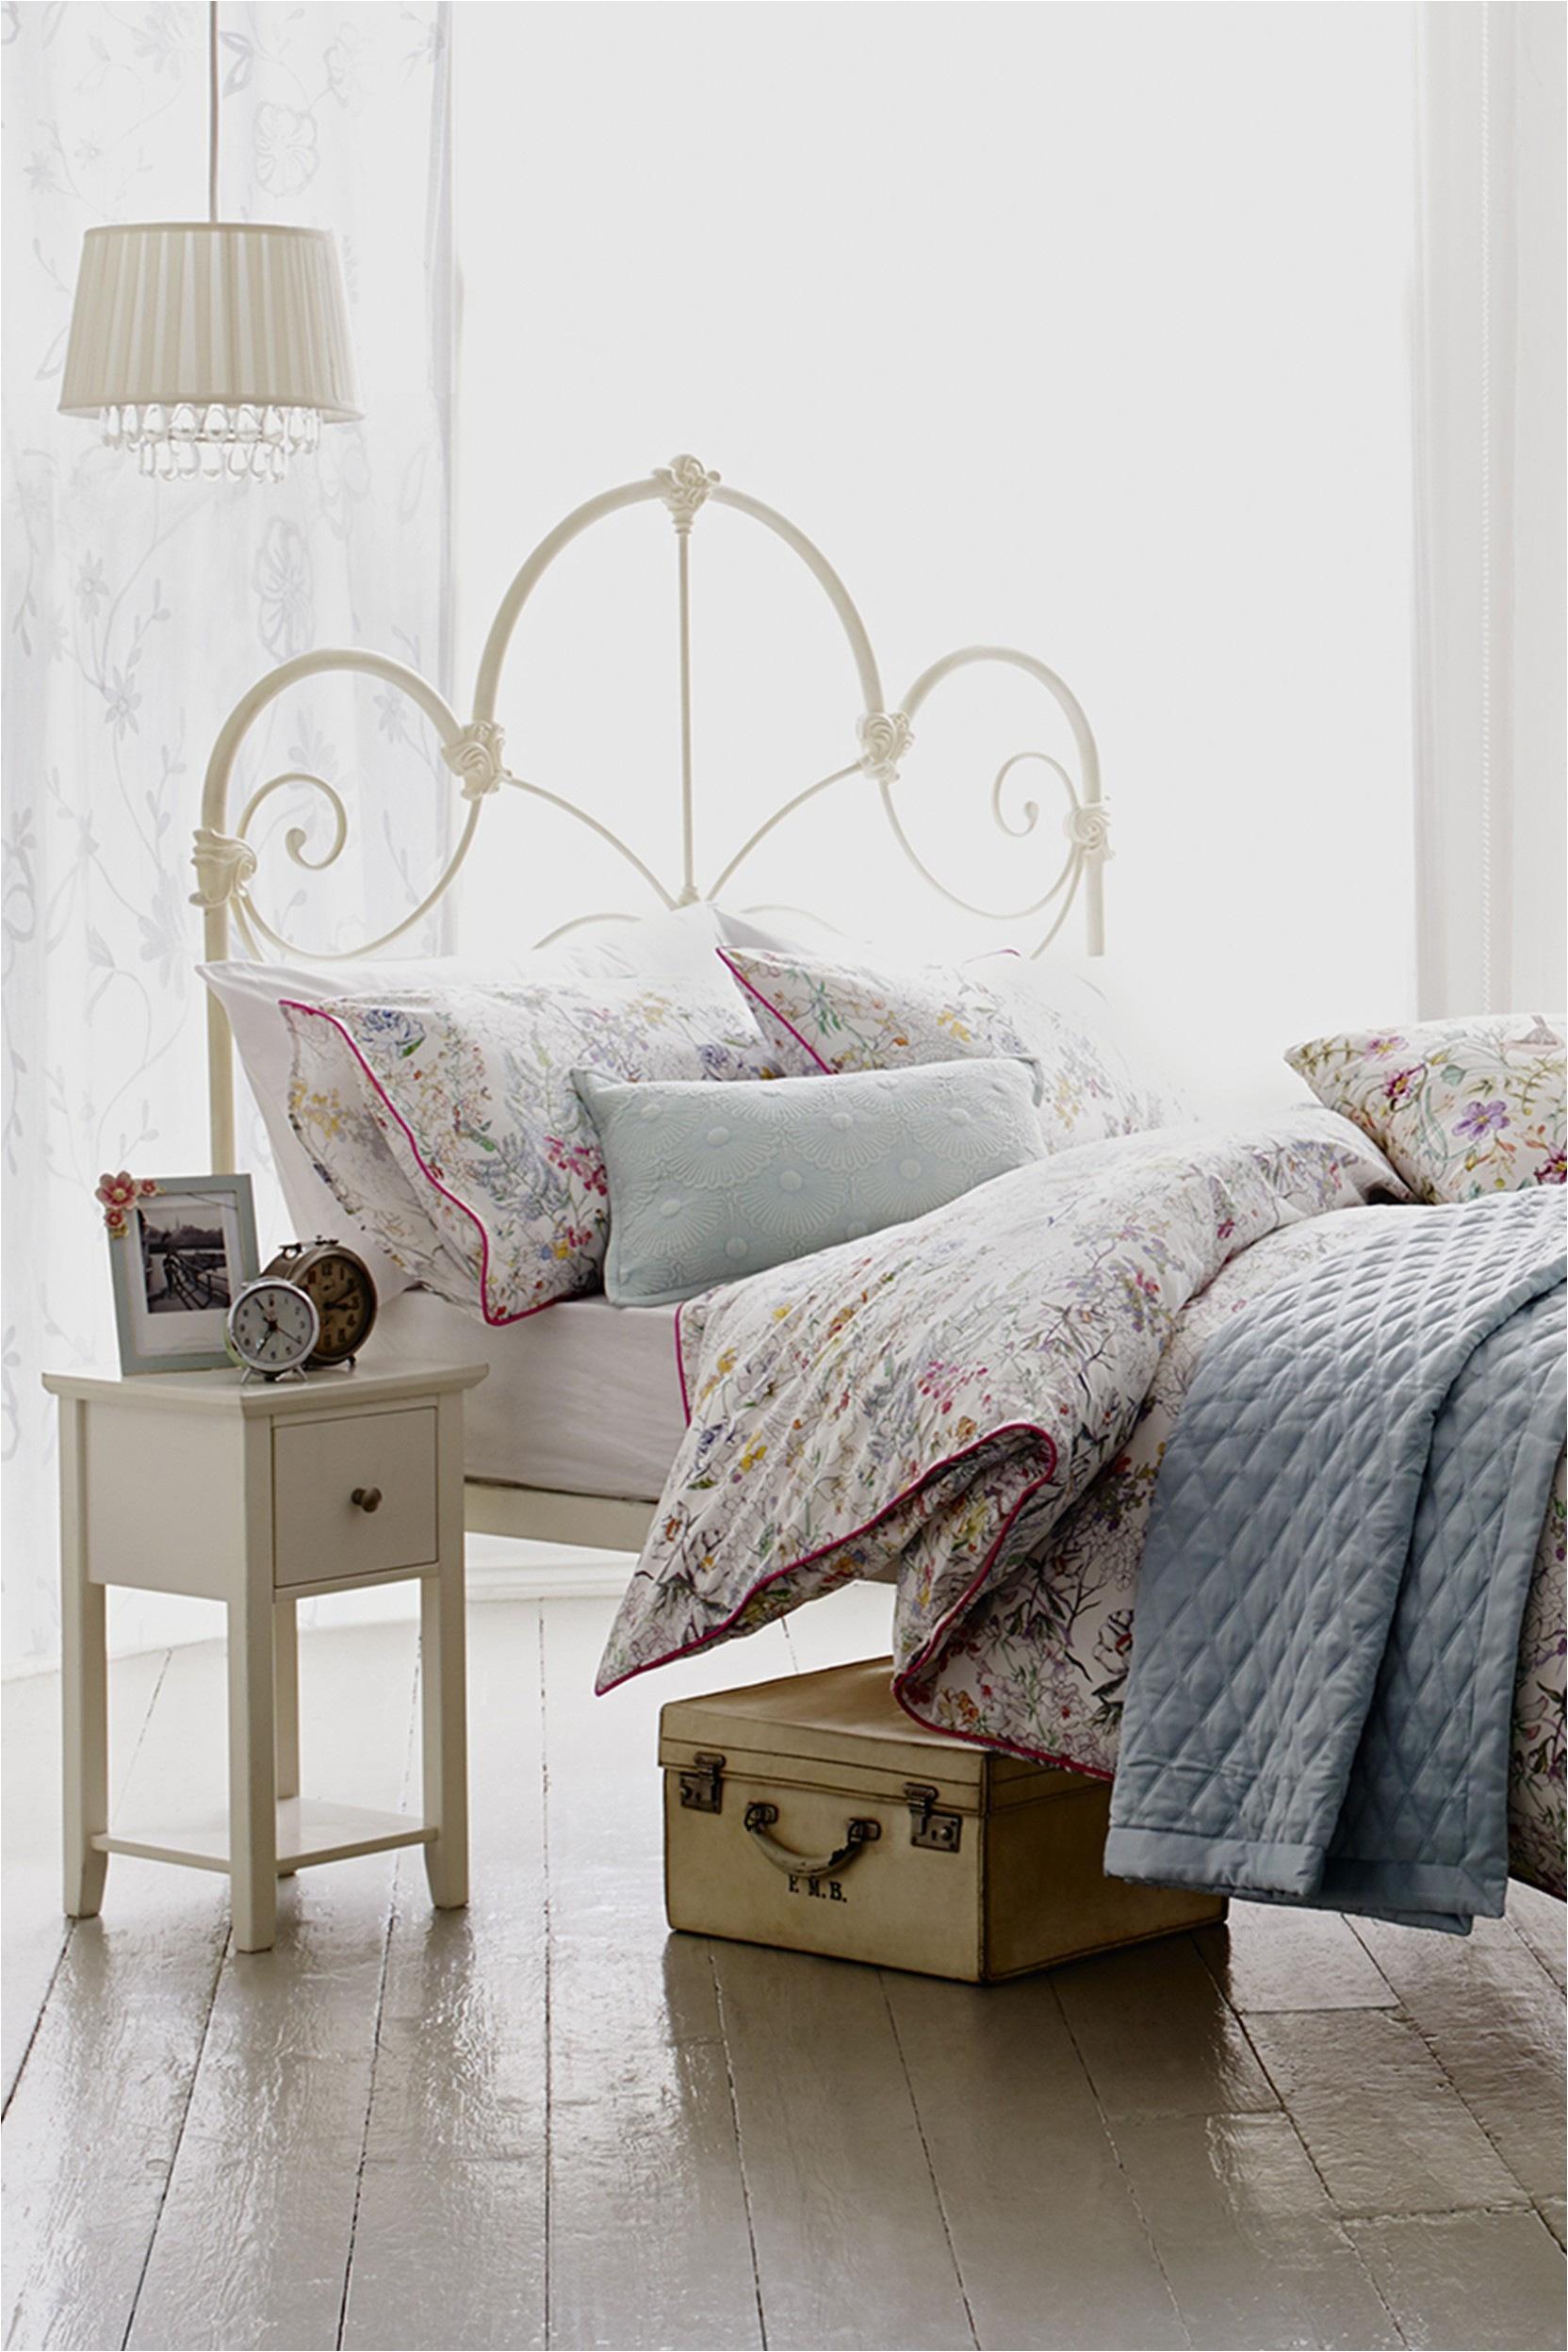 most expensive furniture brands new wicker bedroom set best luxuria¶s wicker outdoor sofa 0d patio design